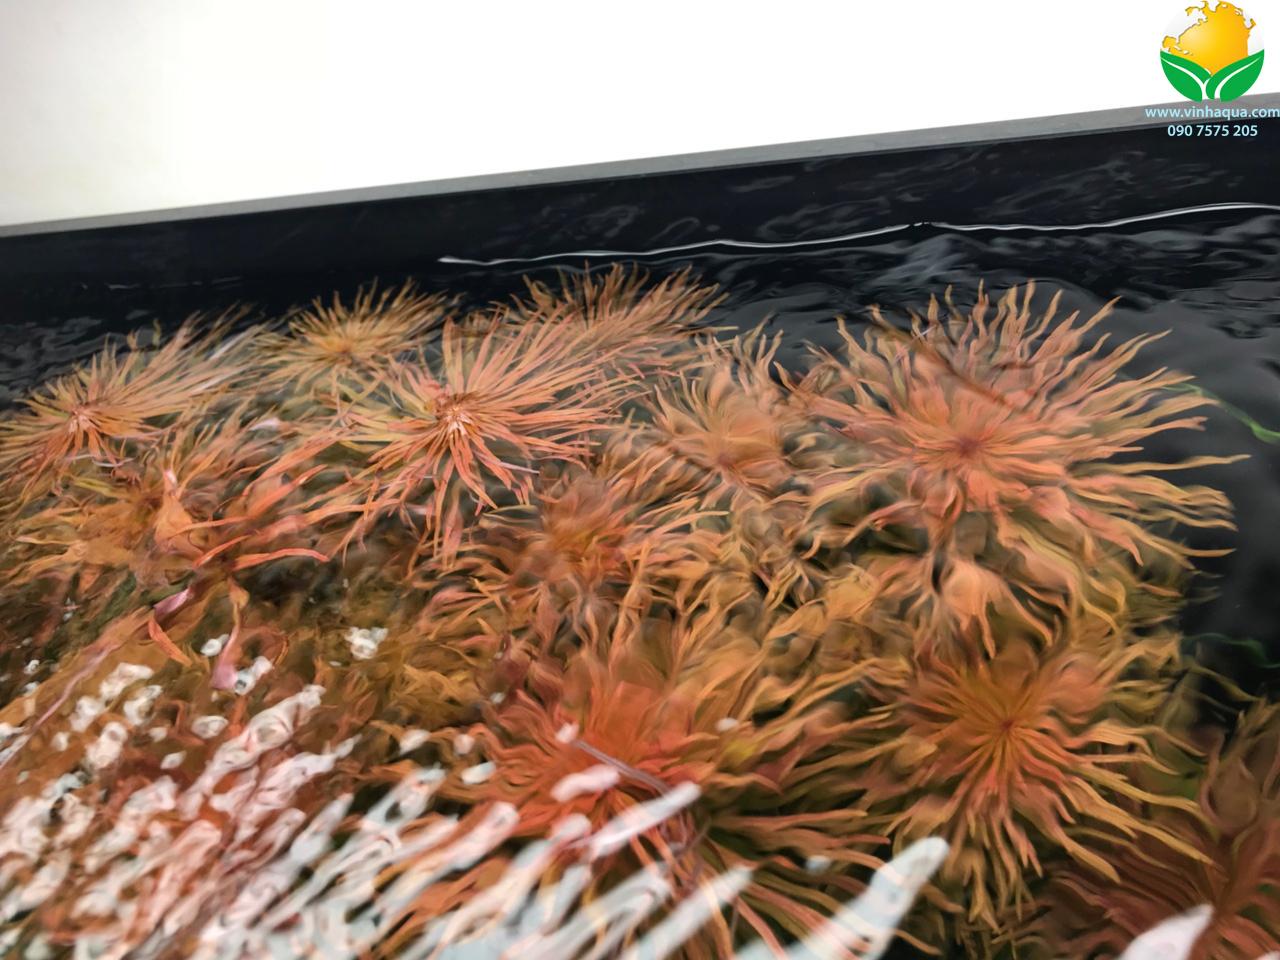 Cây hồng thái dương rực rỡ trong hồ thủy sinh ở tuần thứ 4